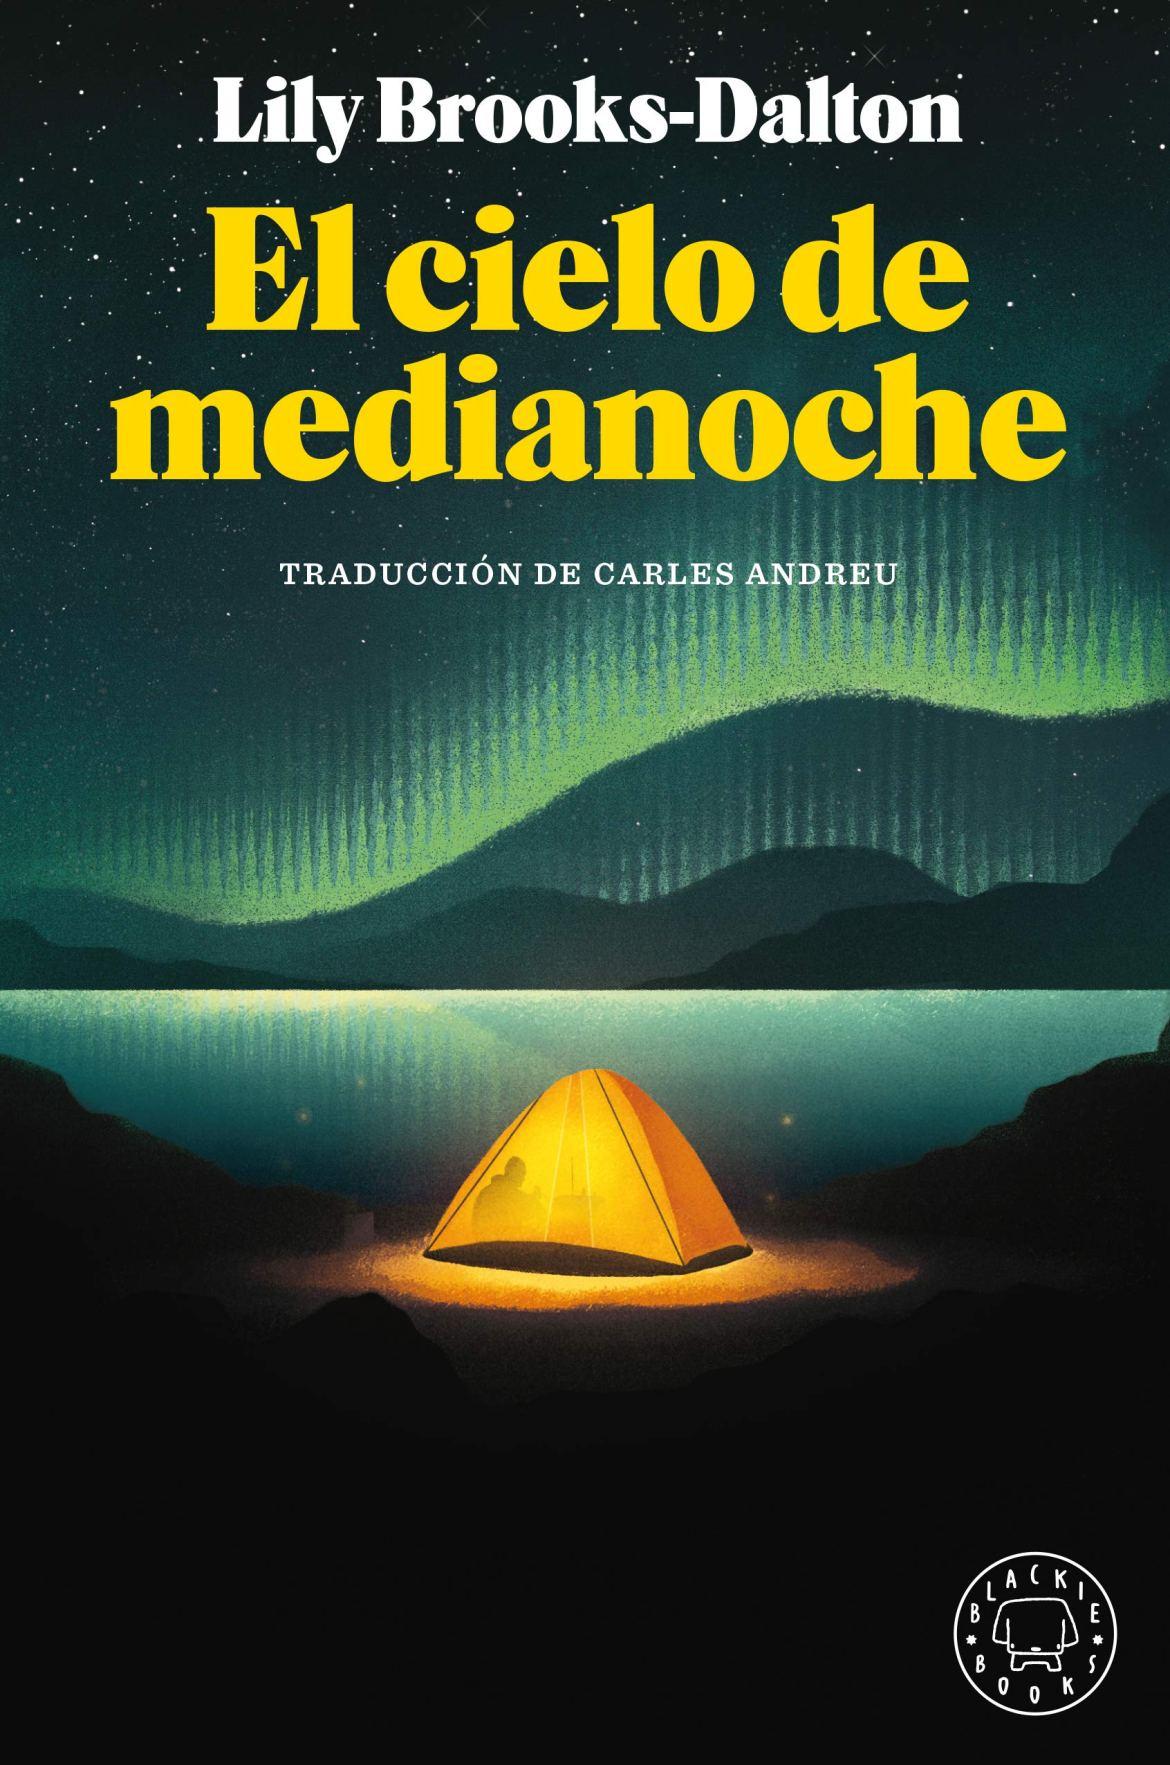 El cielo de medianoche : Brooks-Dalton, Lily, Font, Ignasi, Andreu, Carles:  Amazon.es: Libros